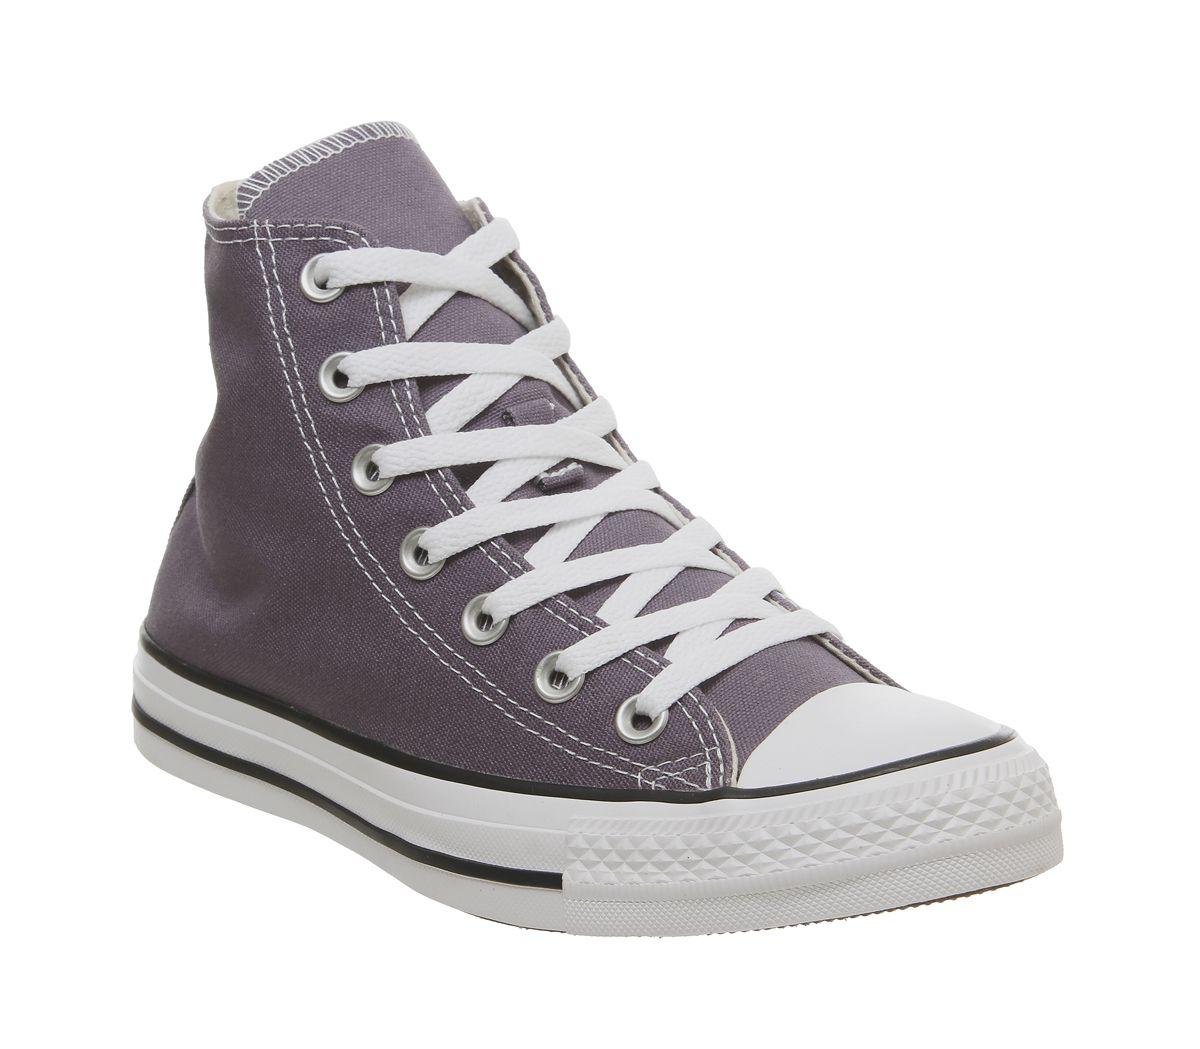 ed44fcb87e Converse Converse All Star Hi Trainers Moody Purple White - Unisex ...